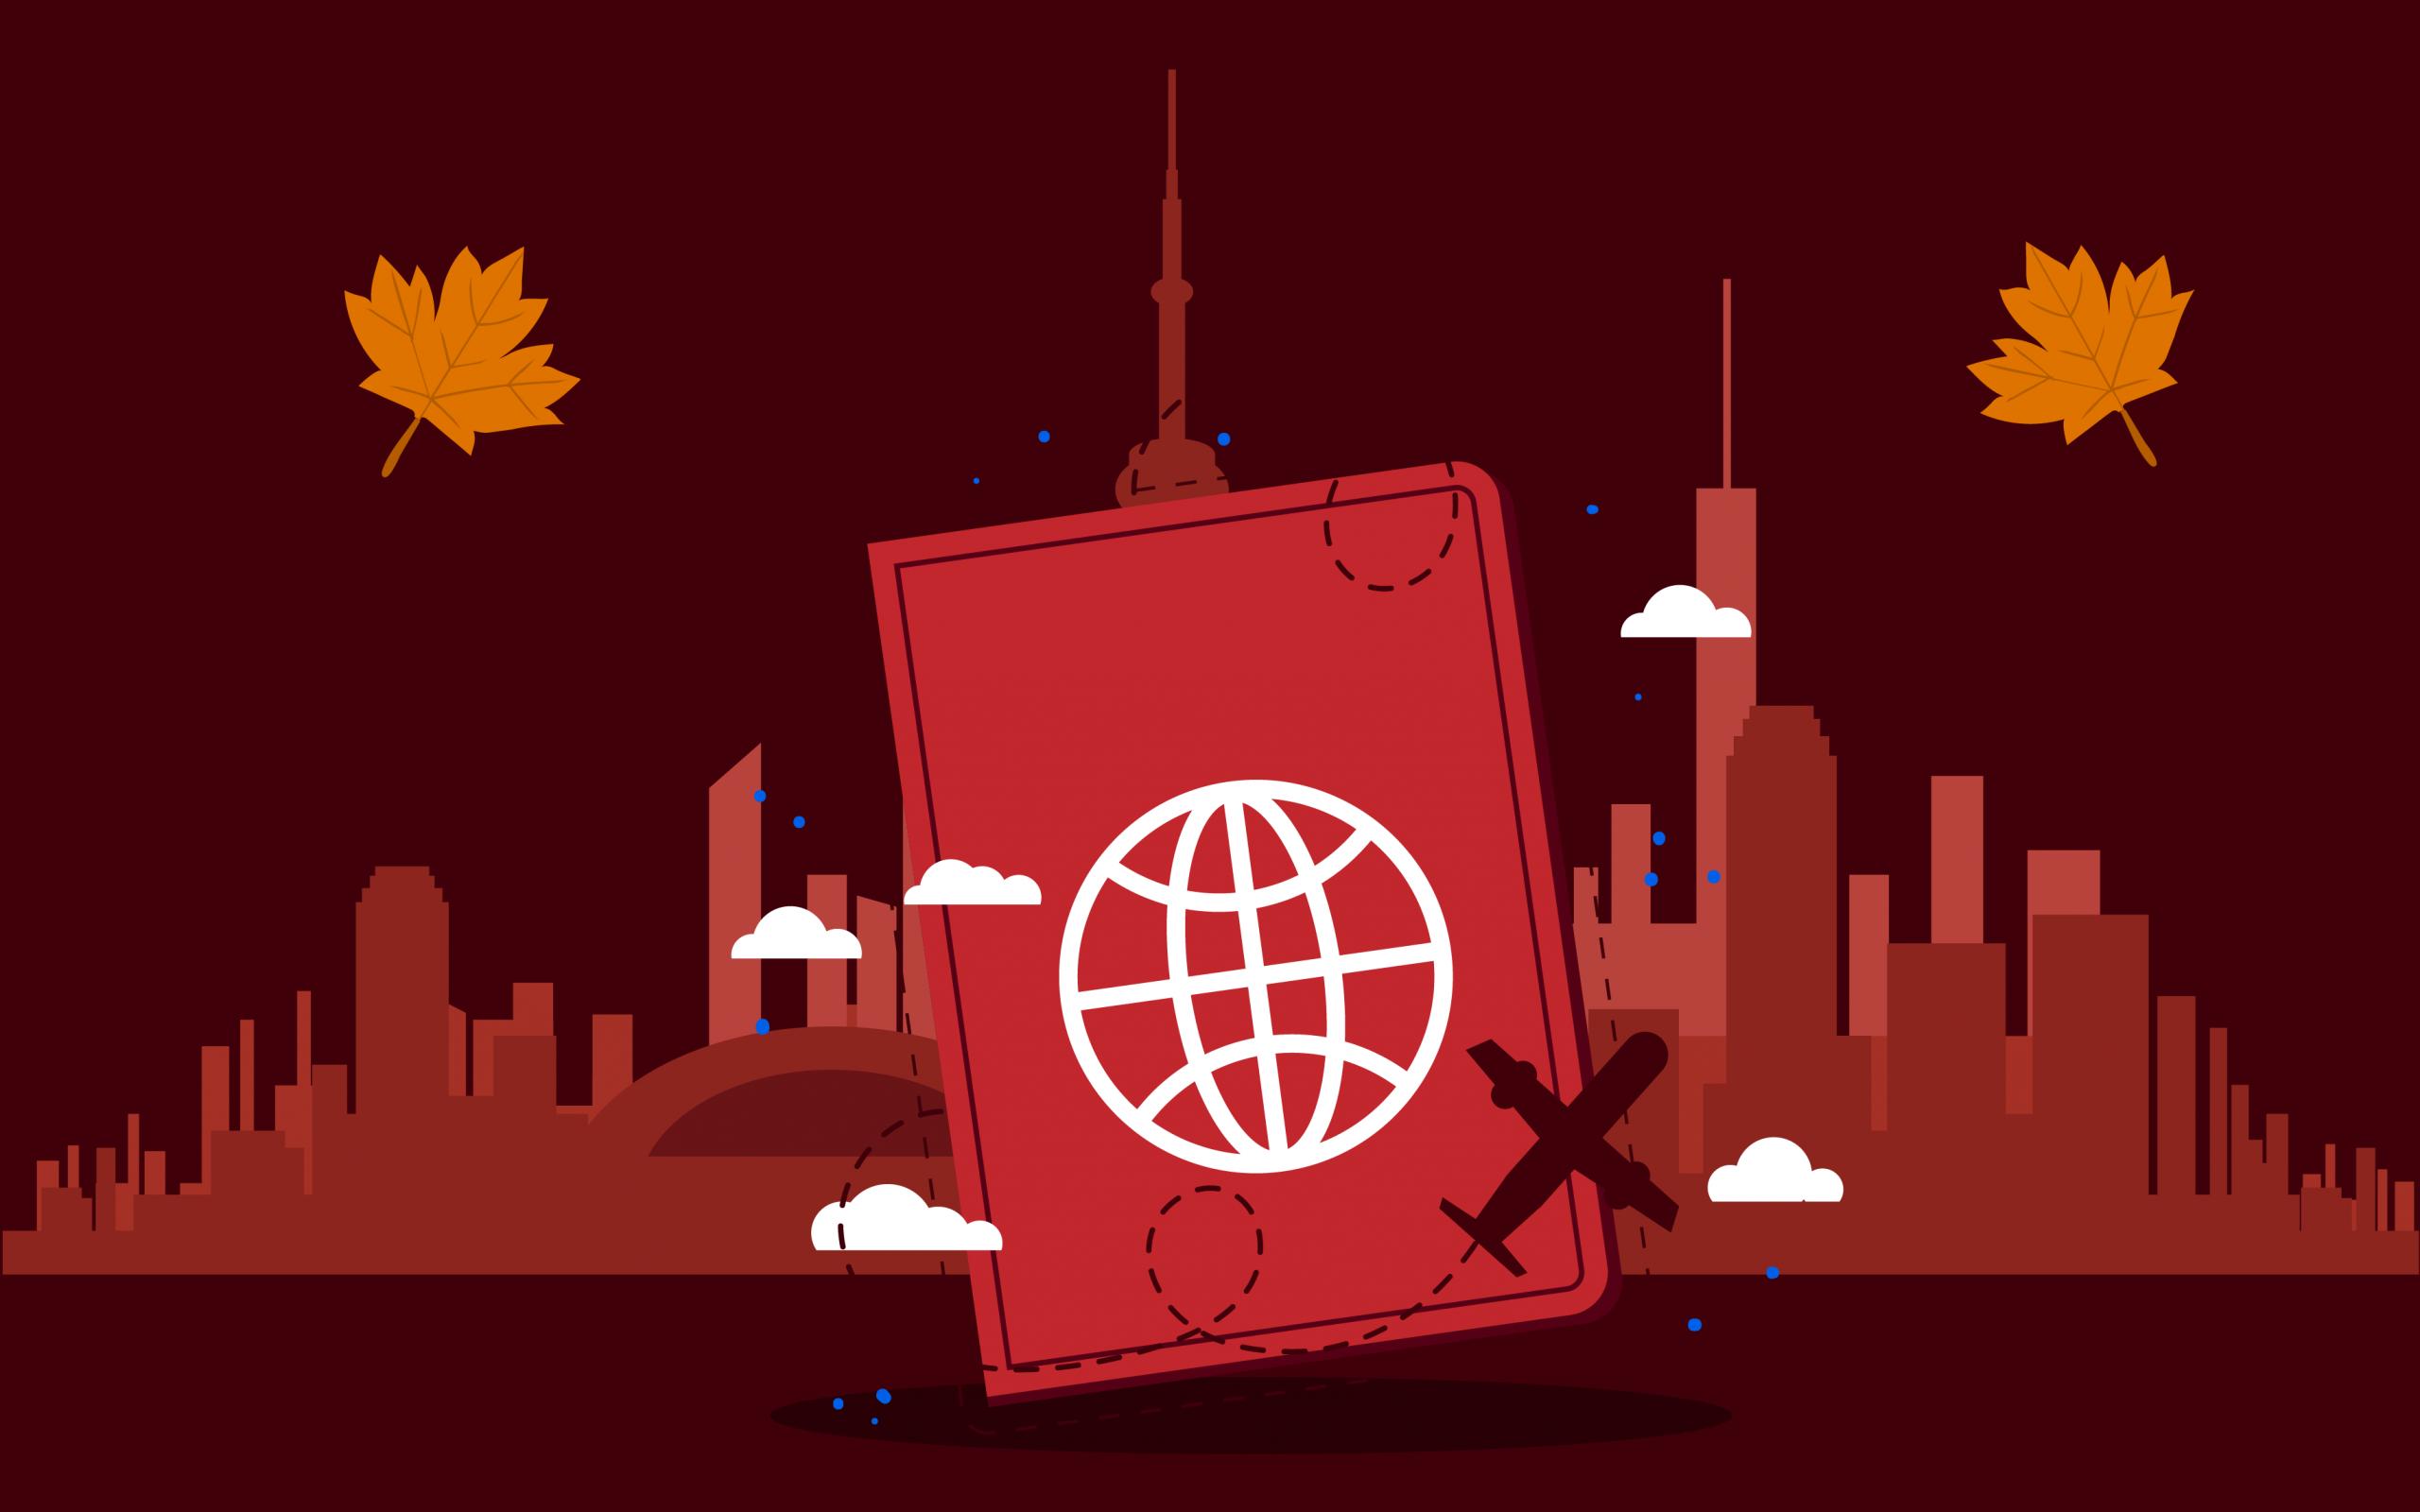 11 قرعه کشی از 25 سپتامبر و بیش از 4700 دعوت نامه